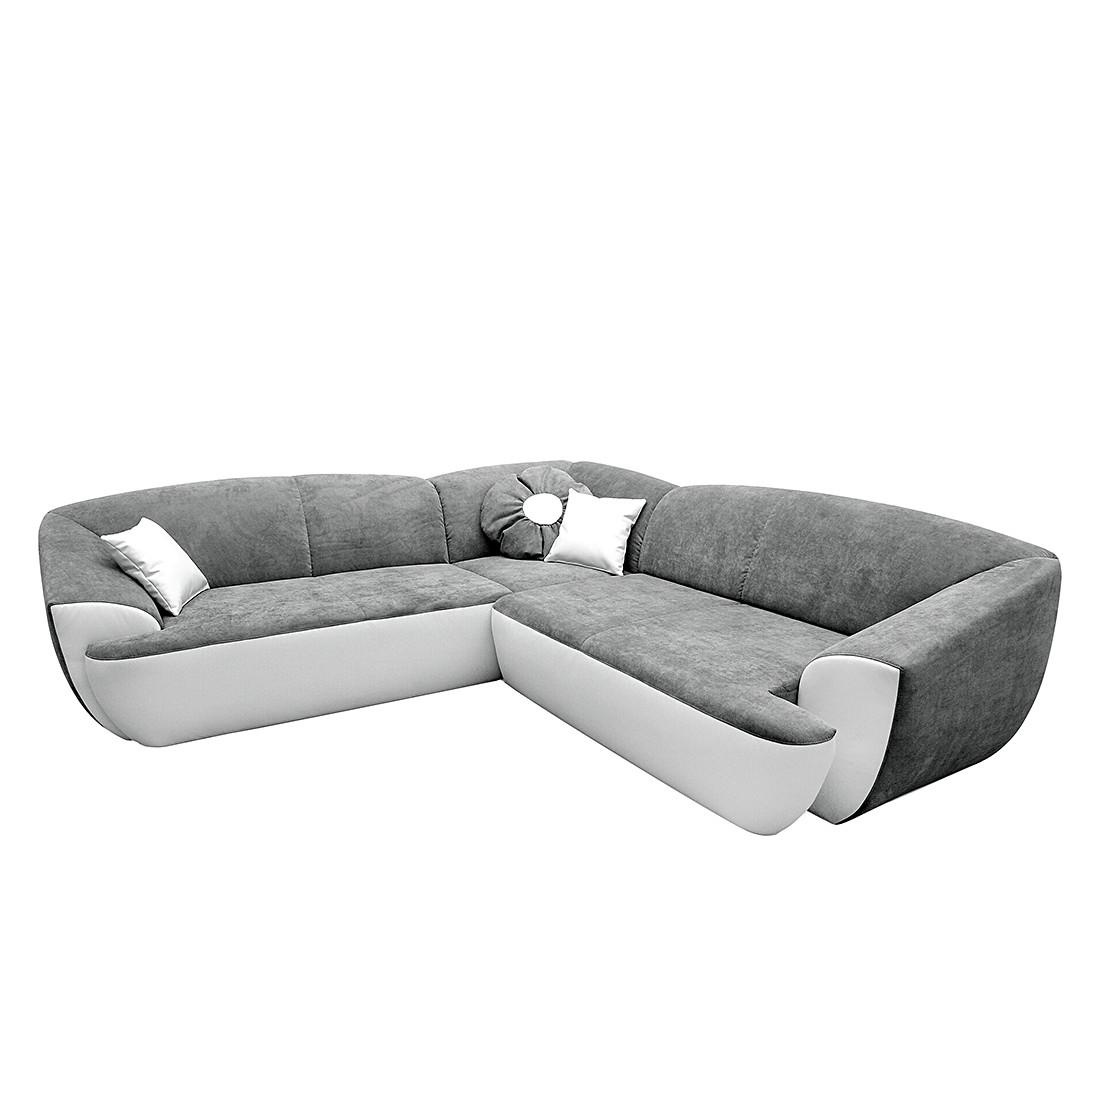 Ecksofa Flint (mit Sitzerweiterung) – Kunstleder/Microfaser – Weiß/Grau, Home Design günstig bestellen